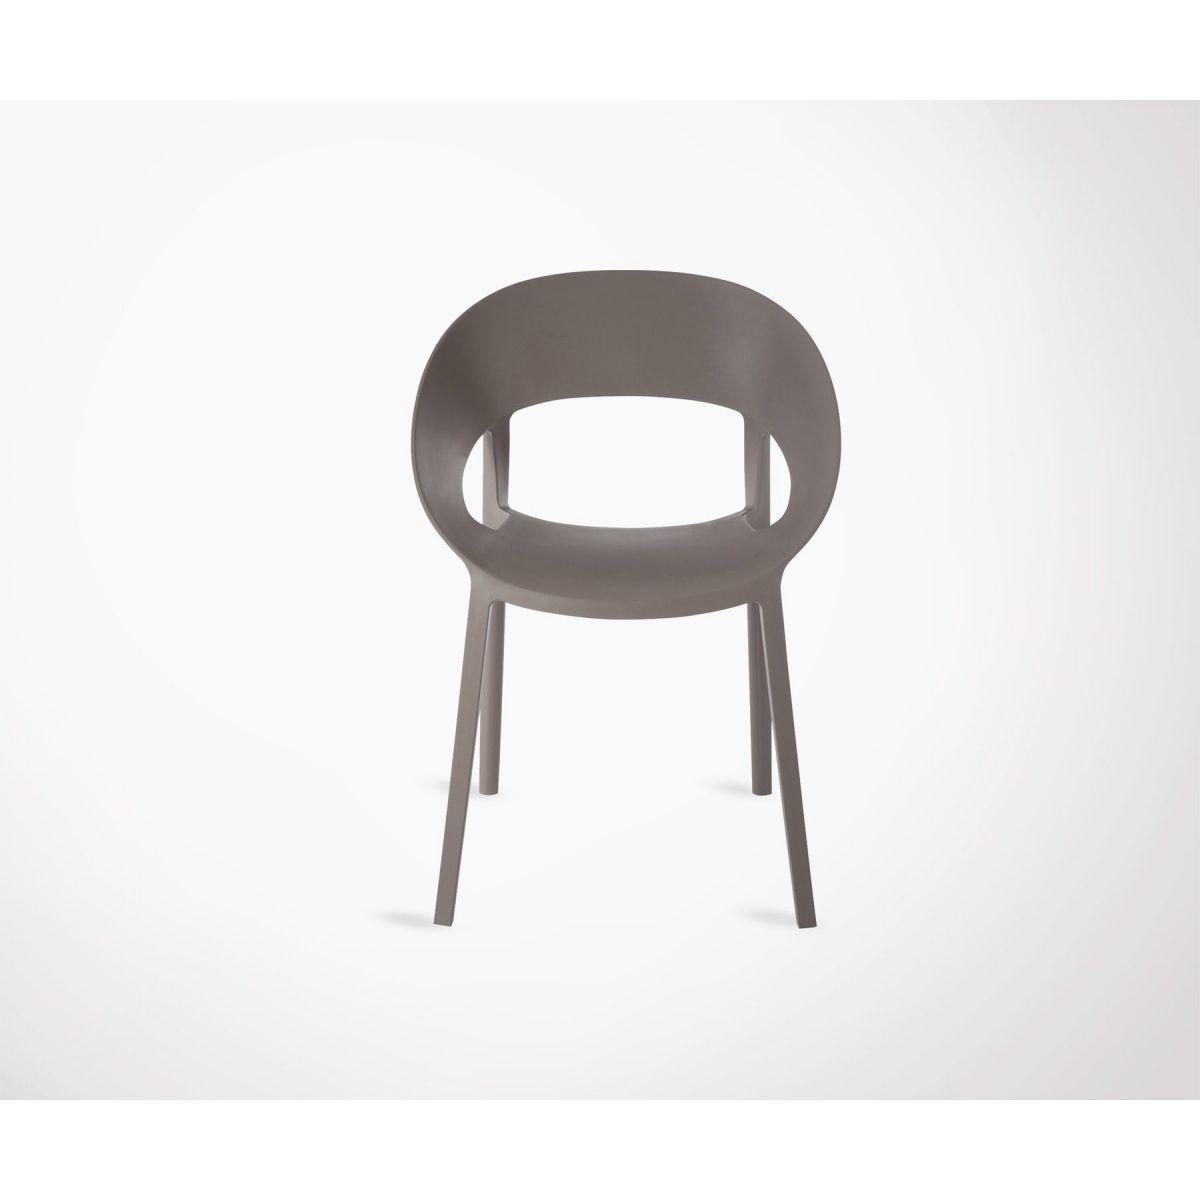 Chaises Lona Noir Lot De 2 Taille Taille Unique Chaise Chaise Noire Et Table Moderne